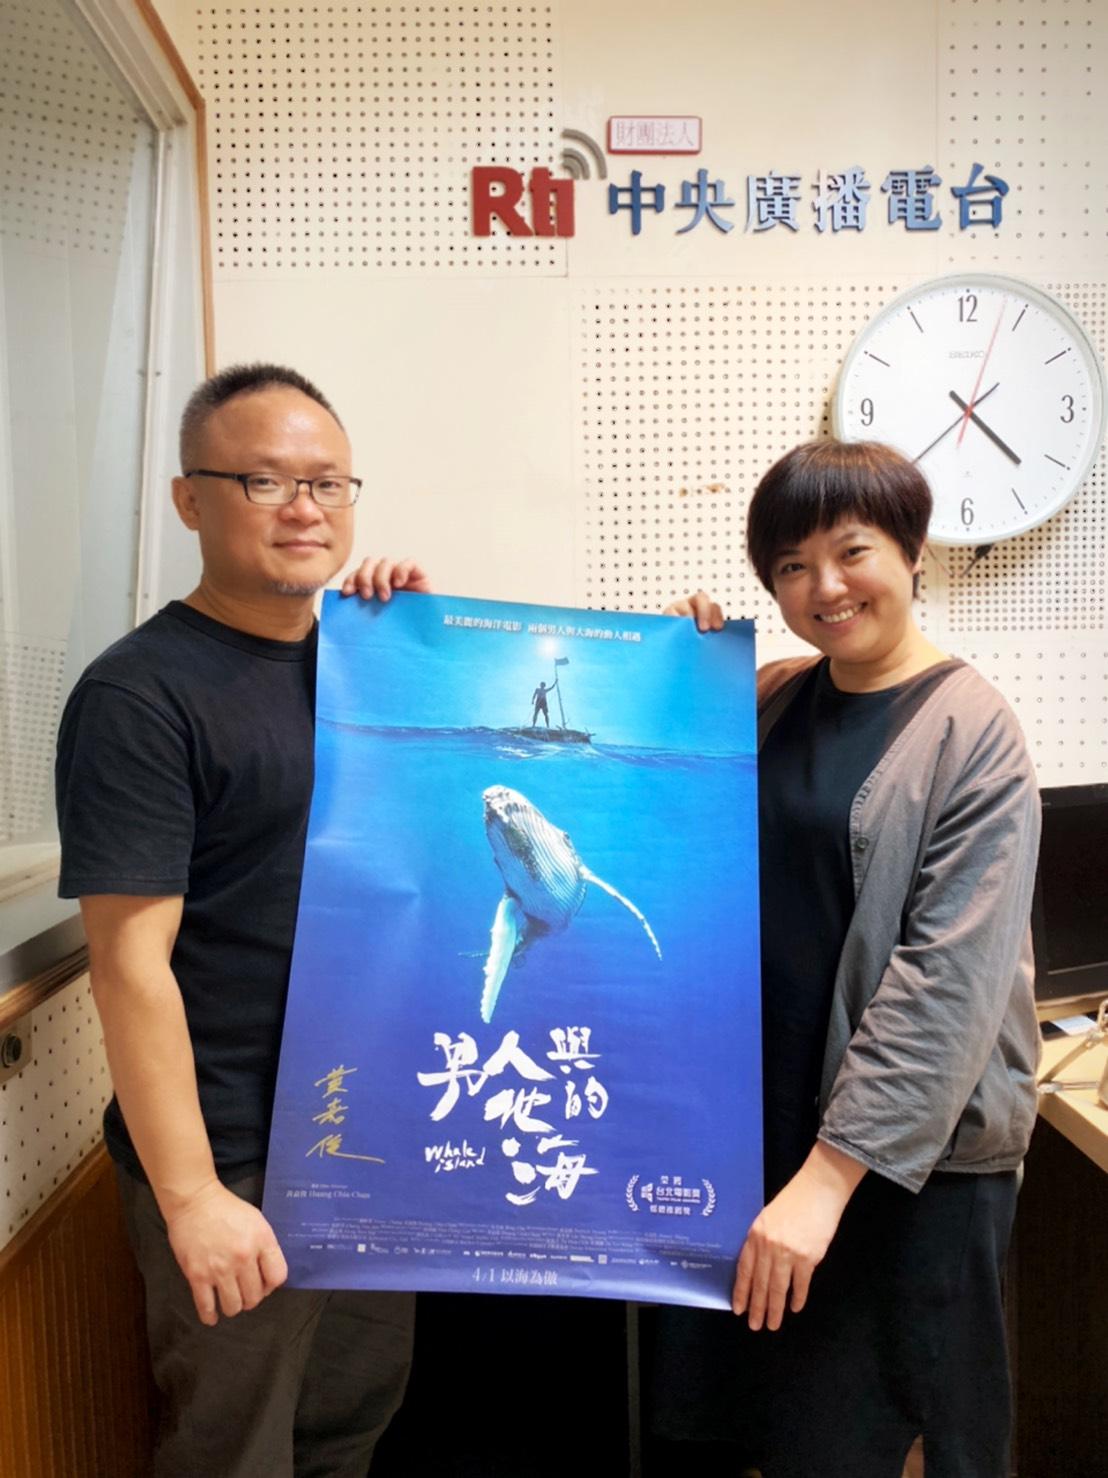 台灣不是番薯,而是一隻鯨魚